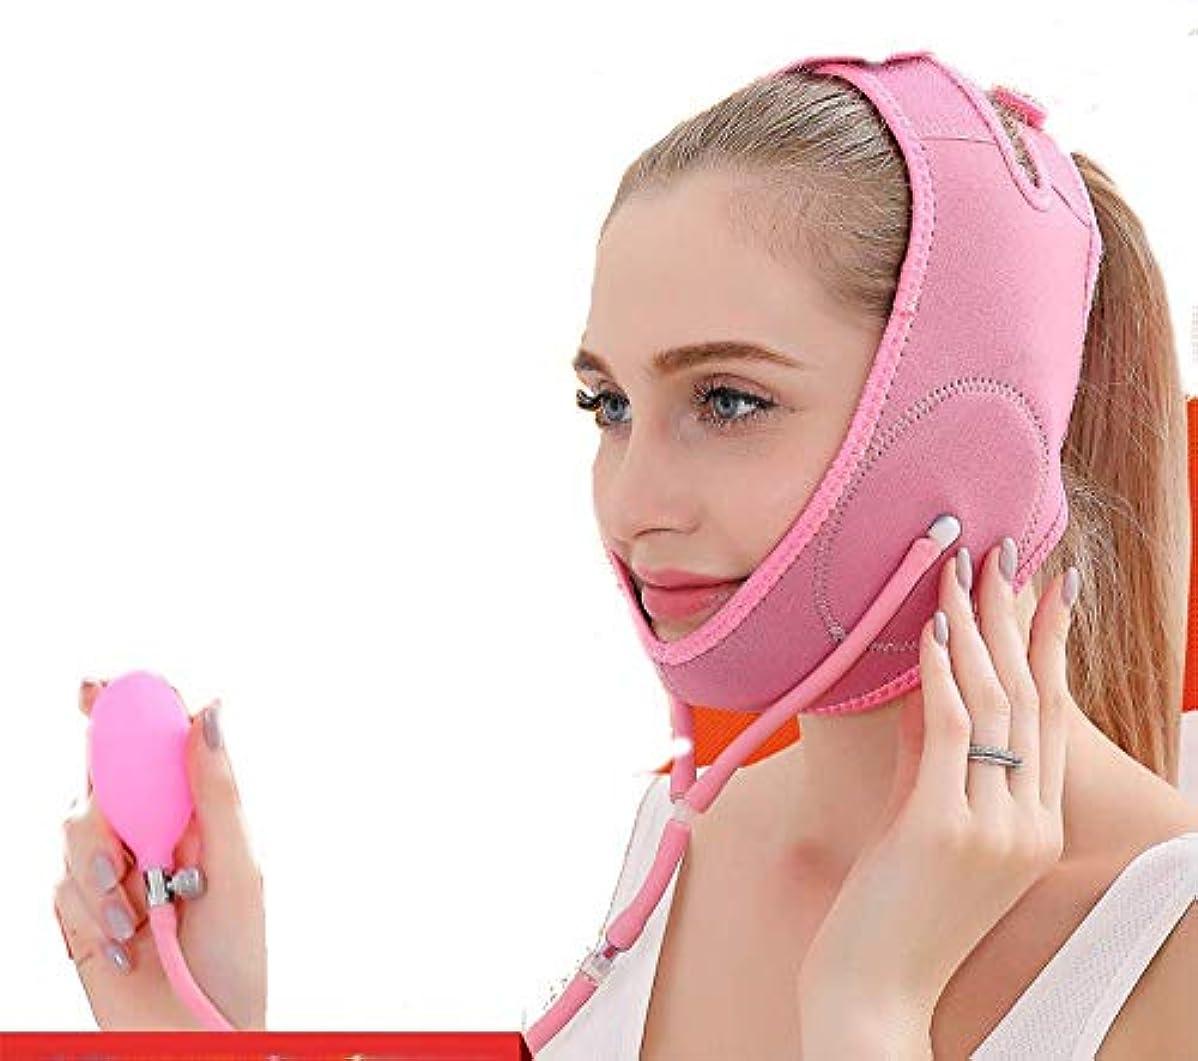 香ばしいネーピア不適切なNICE顔修正ベルト-薄い顔マスク睡眠薄い顔美容サウナータ顔顔帯あごに行く法パターン顔V顔ユニセックス、ピンク